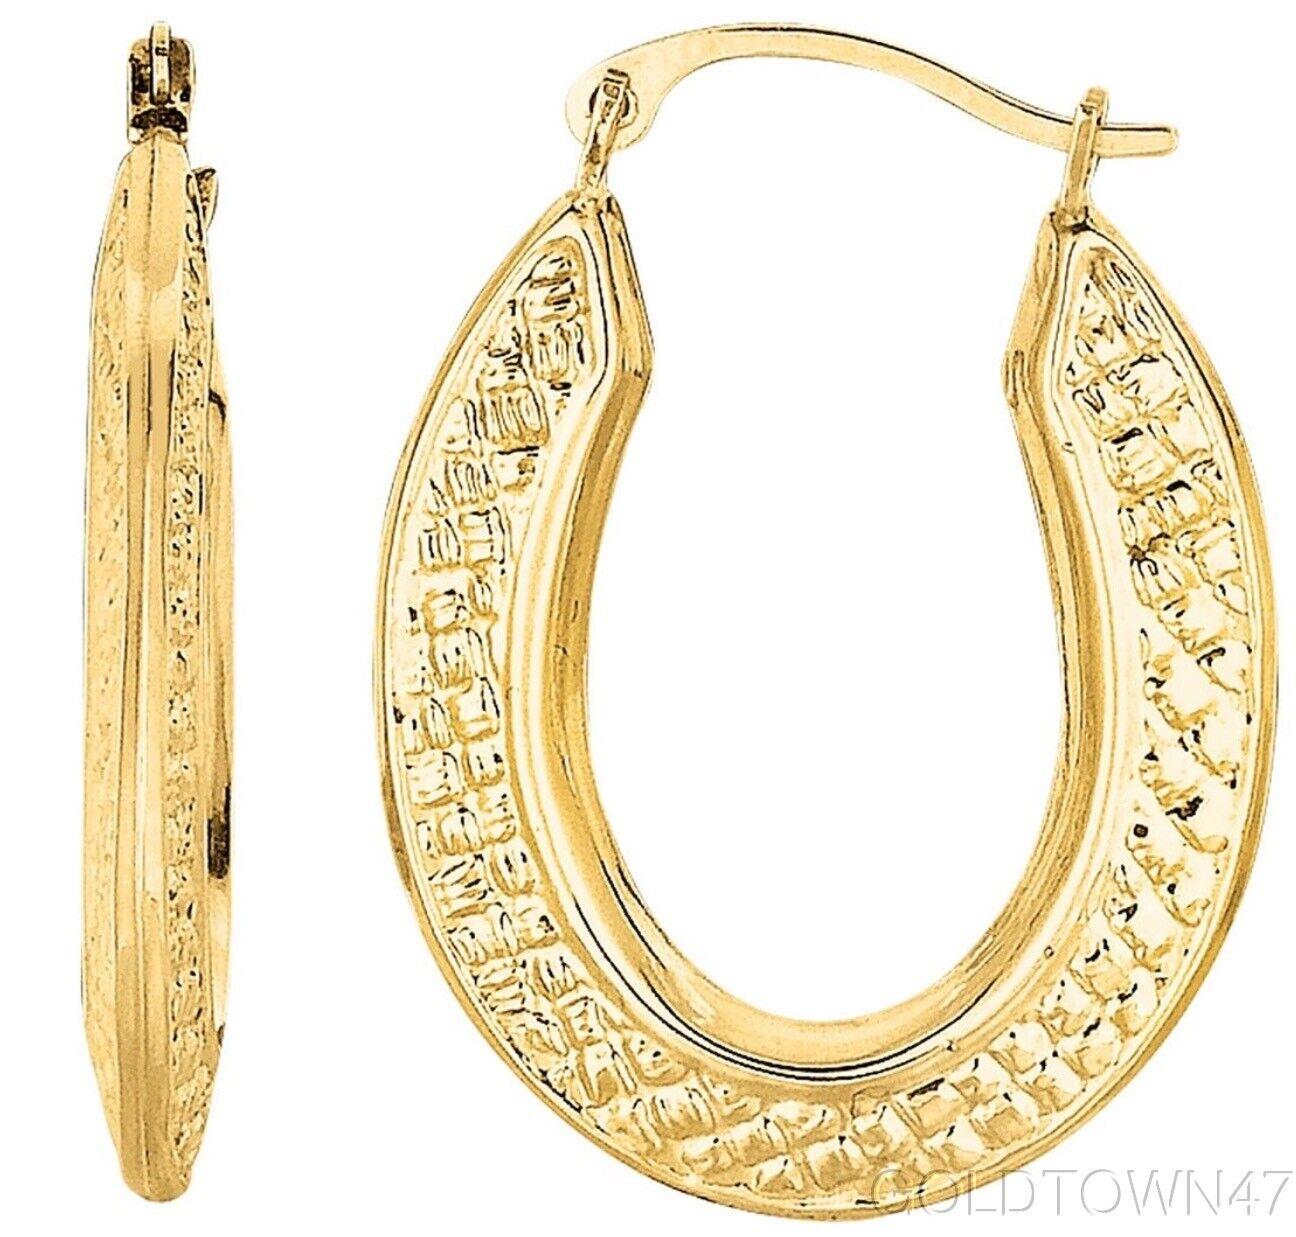 10kt Yellow gold Oval Shape Hoop Earring